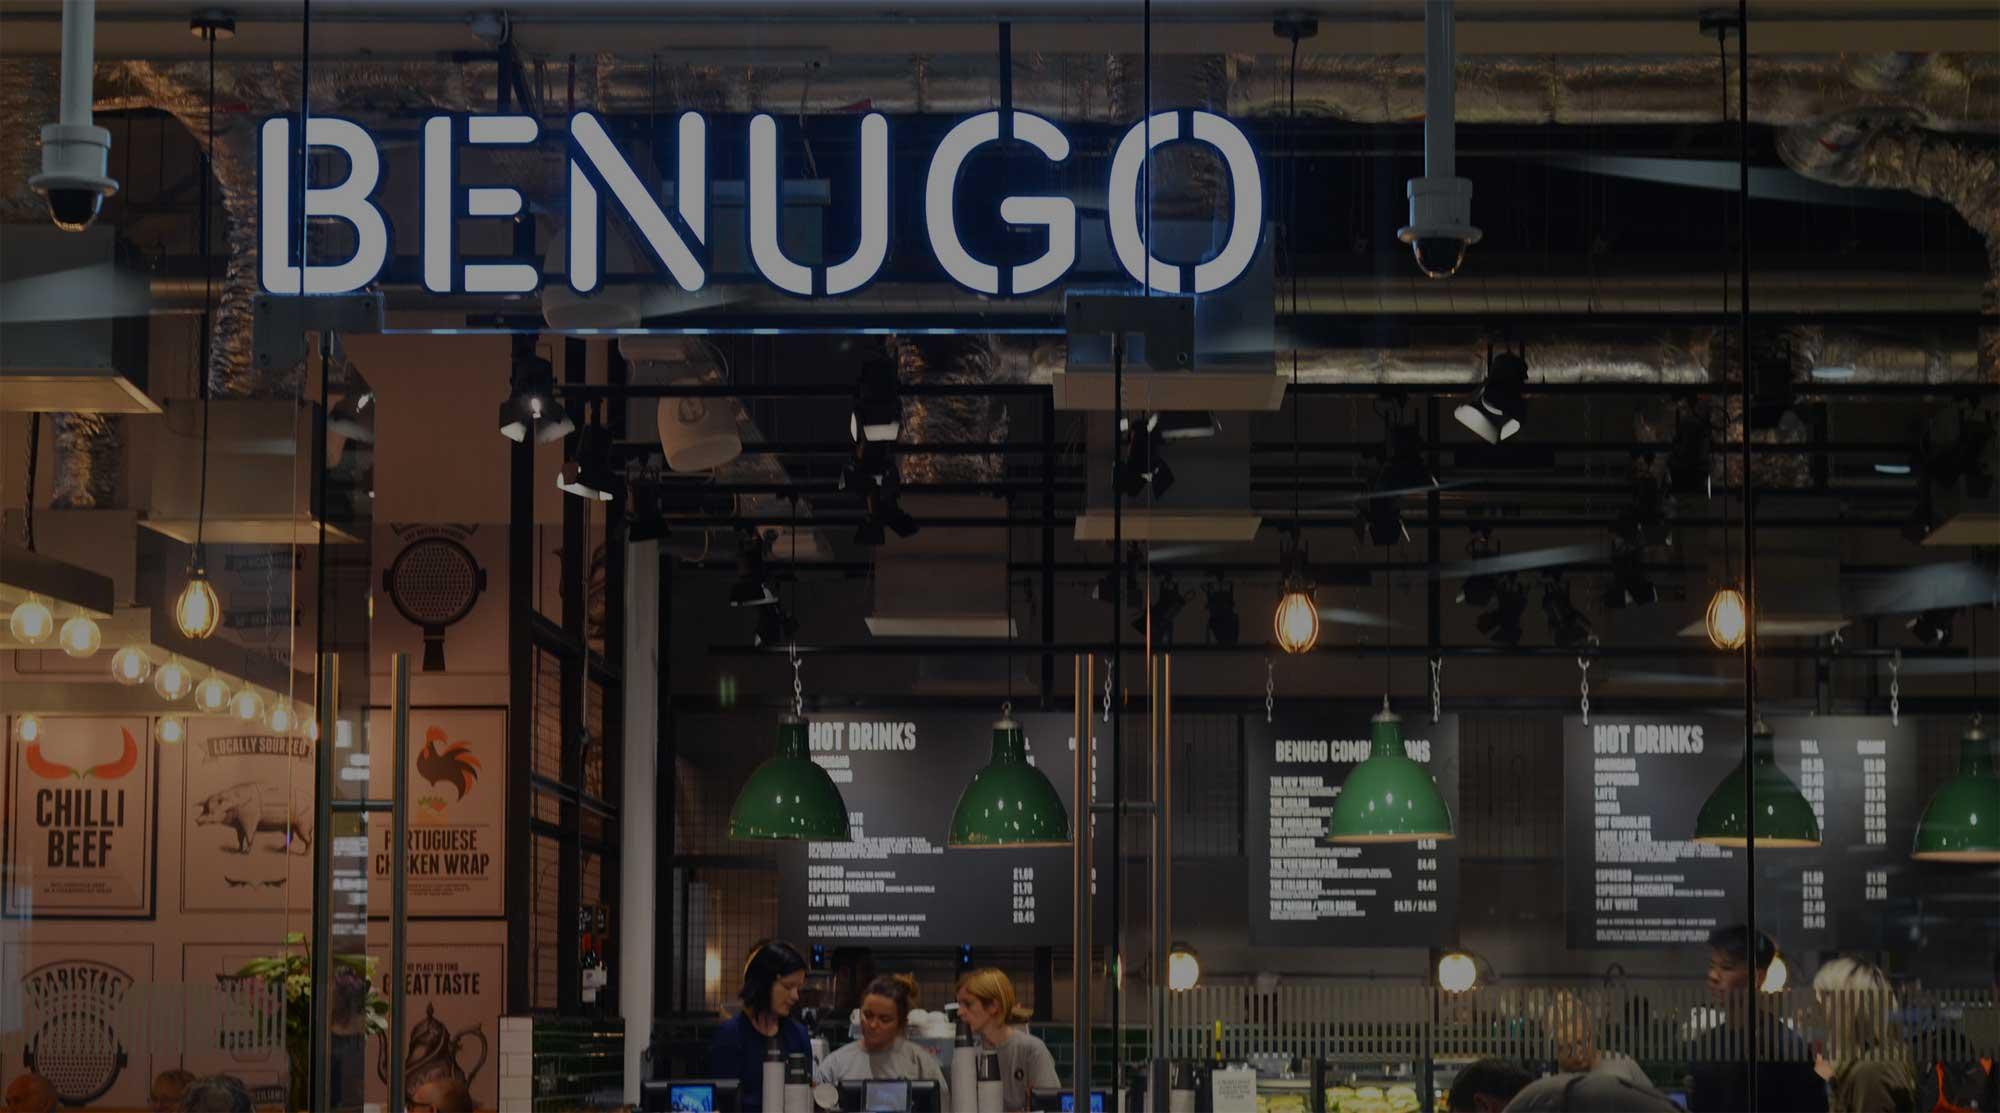 The impact of Quinyx at Benugo